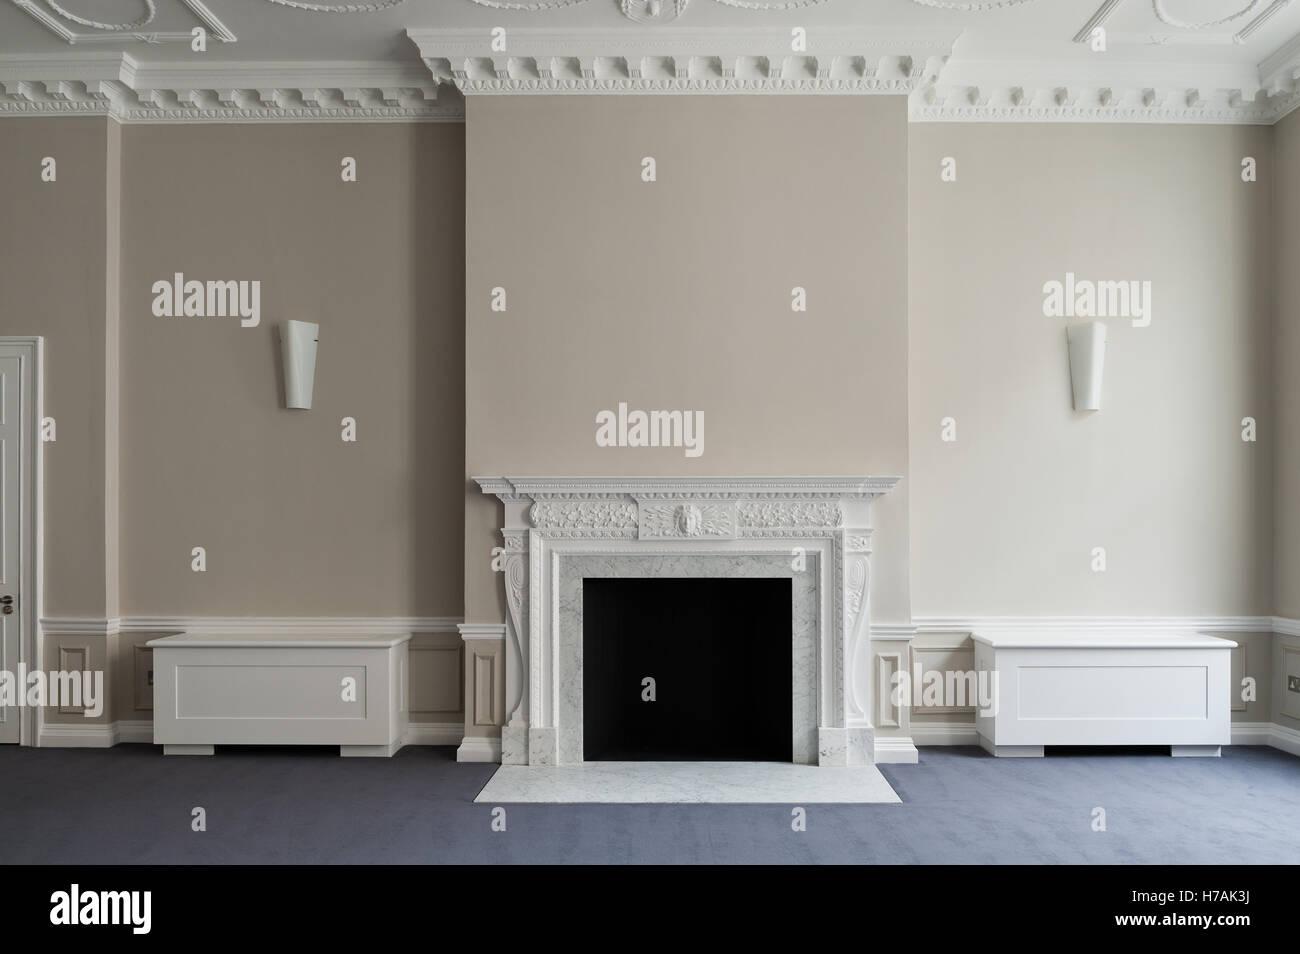 Contrat cadre peint des boîtes et cheminée dans Gloucester Place intérieur, Londres, Angleterre, Photo Stock